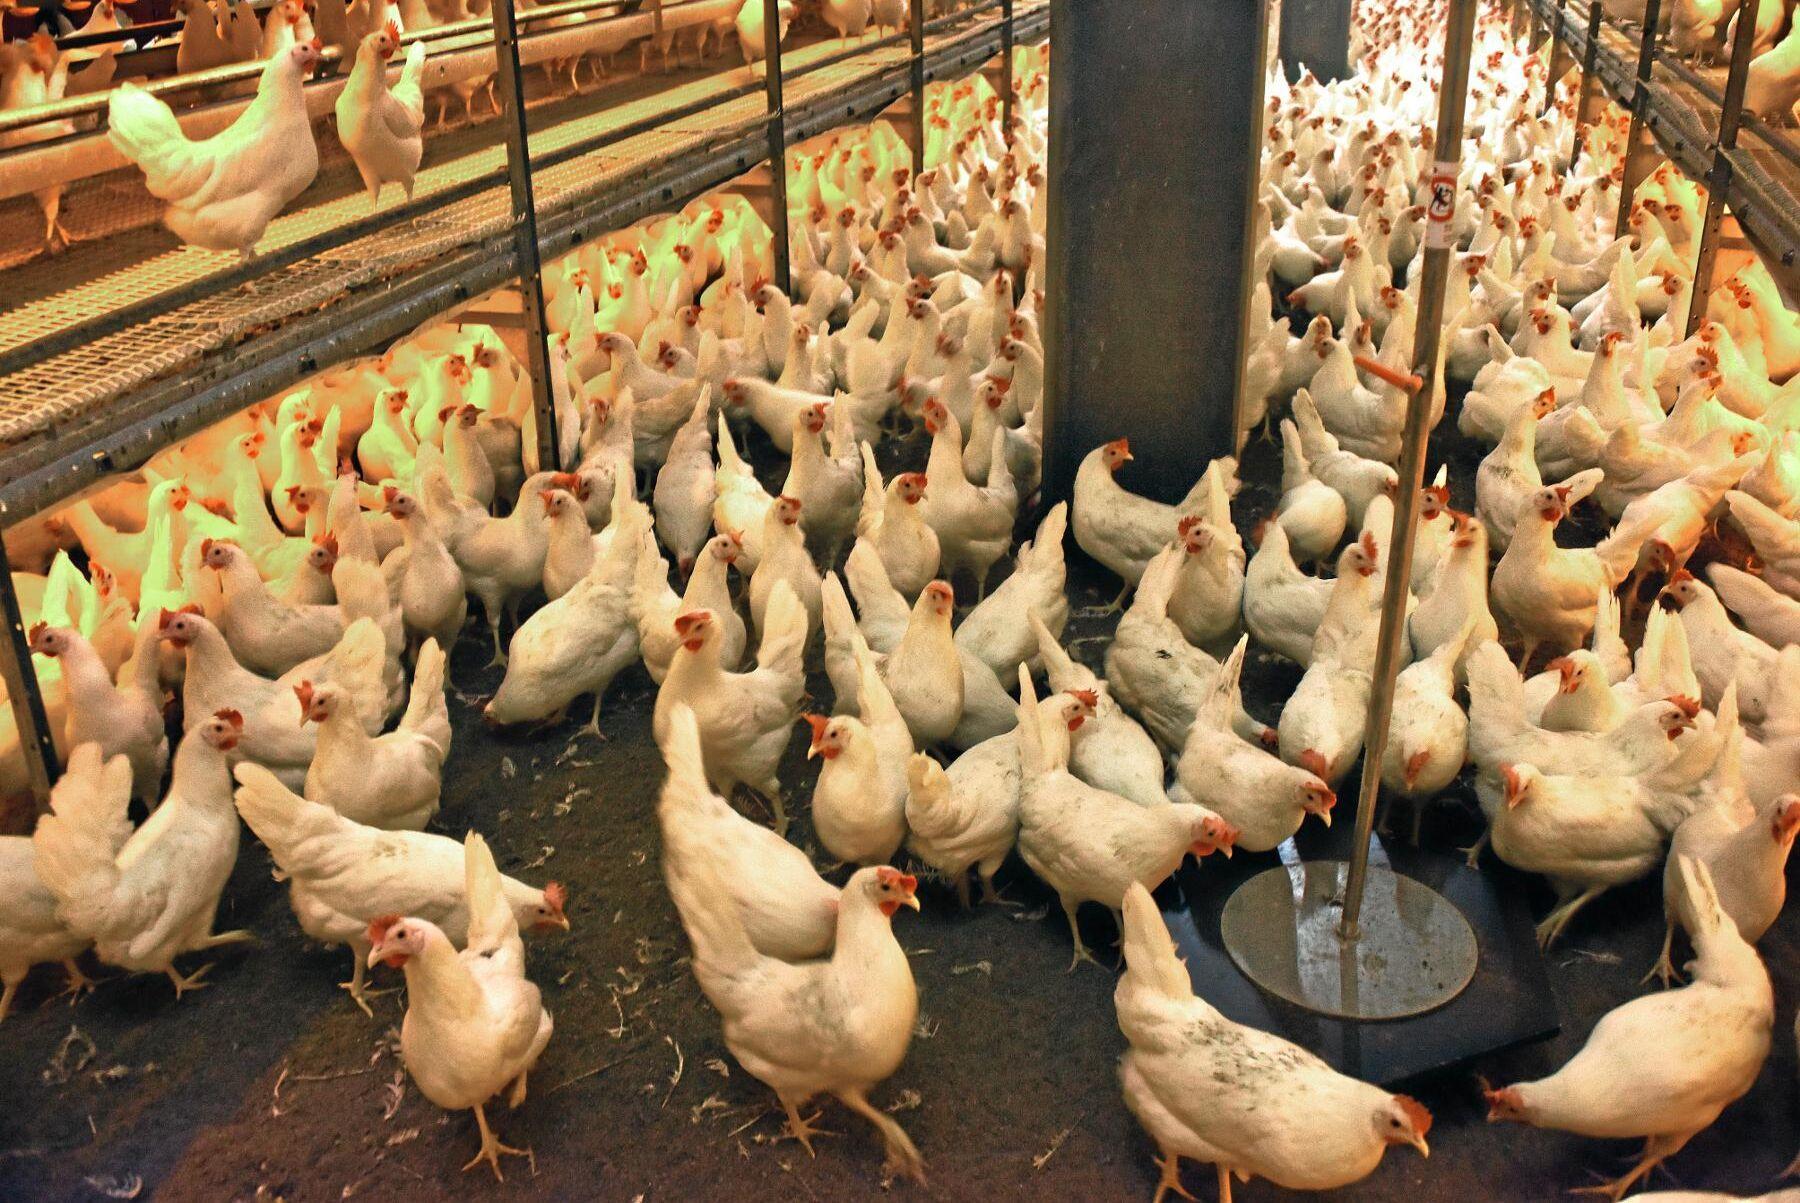 Får EU-parlamentets jordbruksutskott bestämma blir frigående höns det enda tillåtna systemet för äggproduktion i EU (arkivbild).